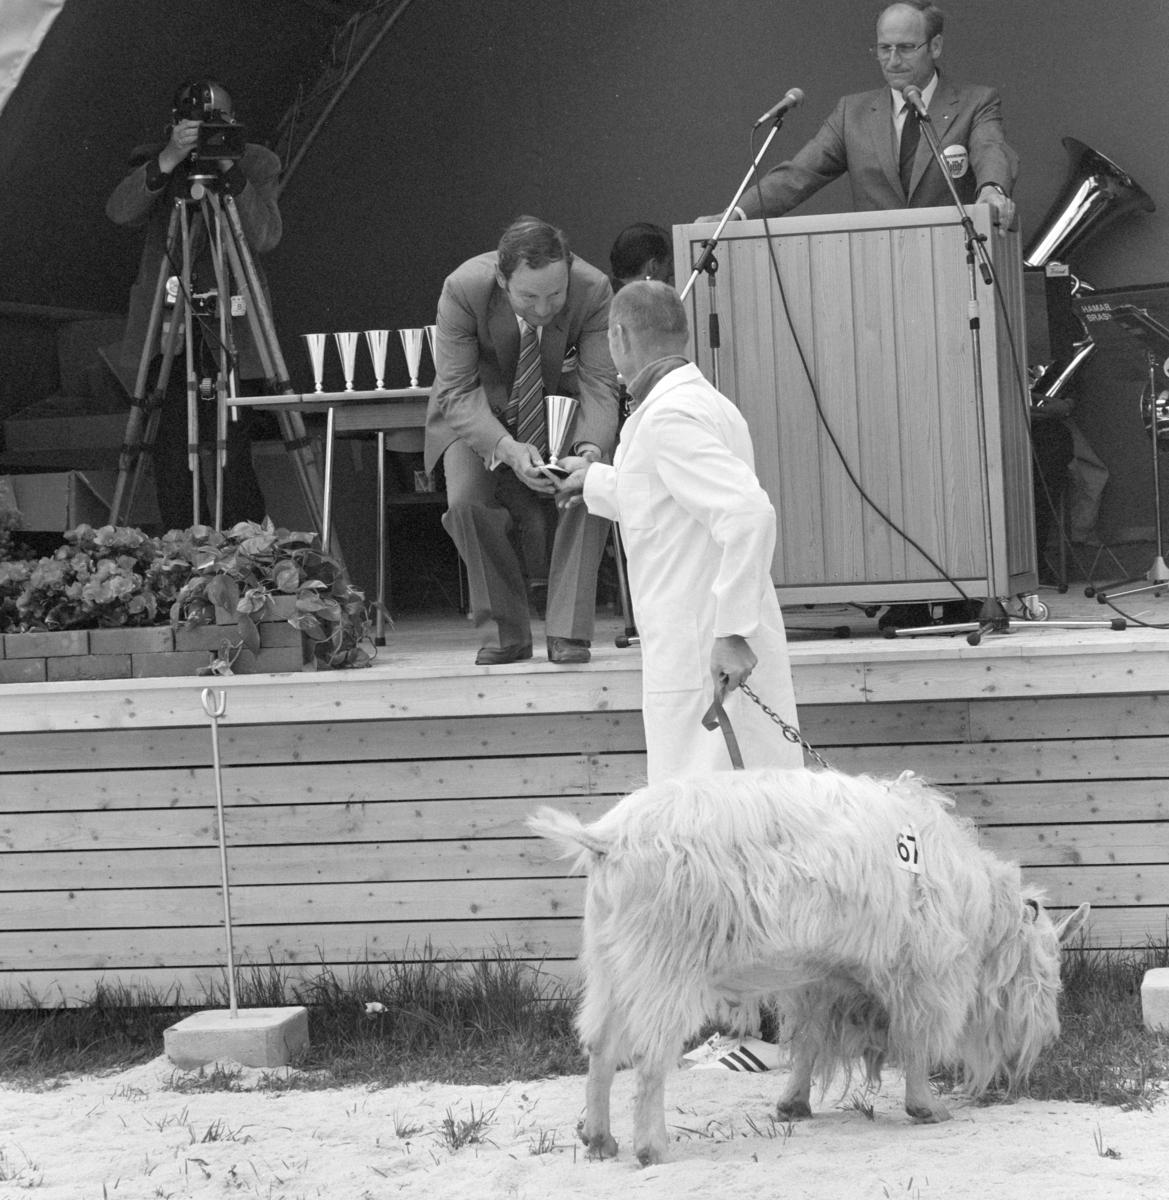 Norske Melkeprodusenters Landsforbund, NML 100 år 1881-1981. Jubileumsutstilling,visningsring, kavalkade over norsk husdyrhold, geit, Domkirkeodden, Hamar.